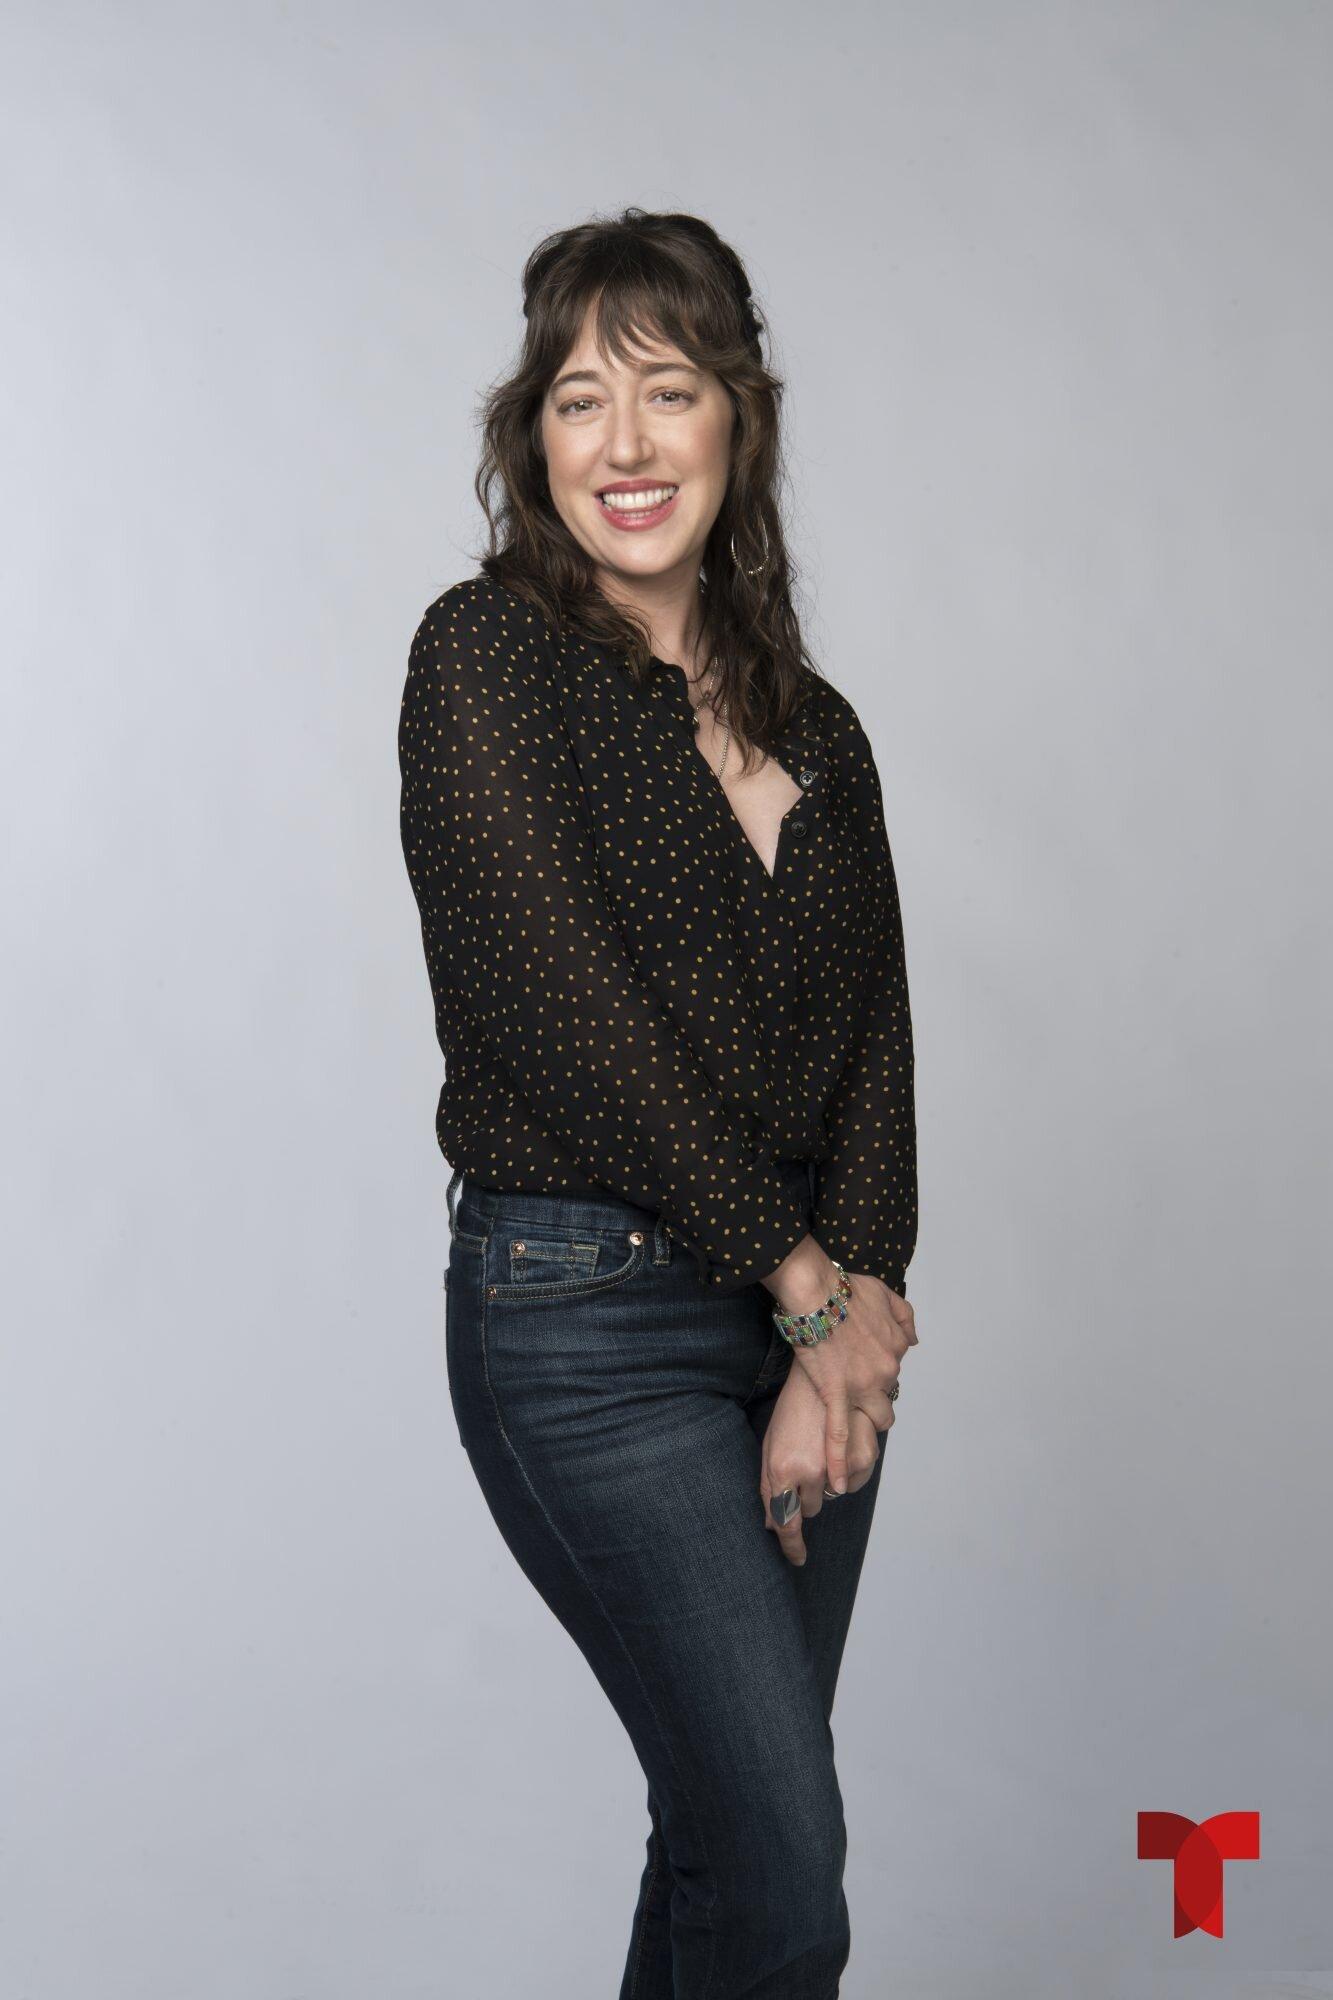 Mariana Treviño (Remedios)